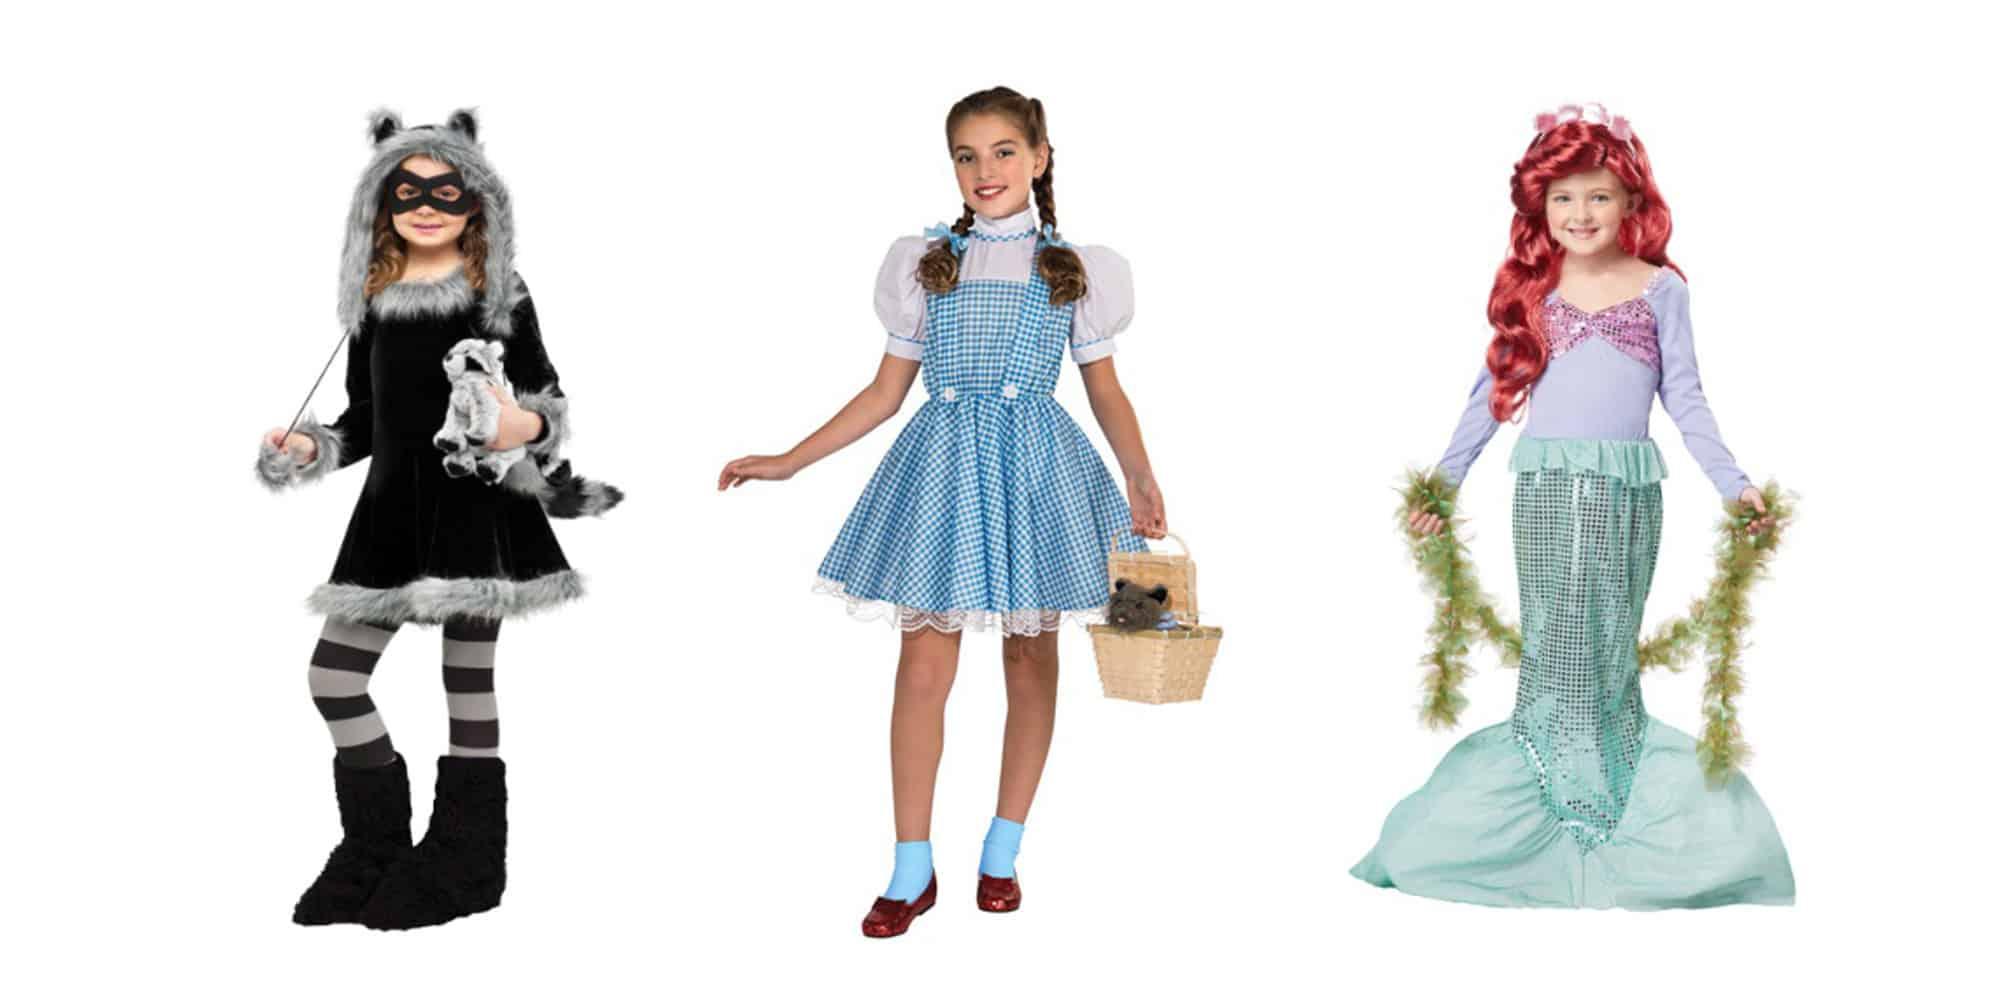 Disfraces Para Ninas Originales Y Caseros De Halloween - Como-hacer-un-disfraz-casero